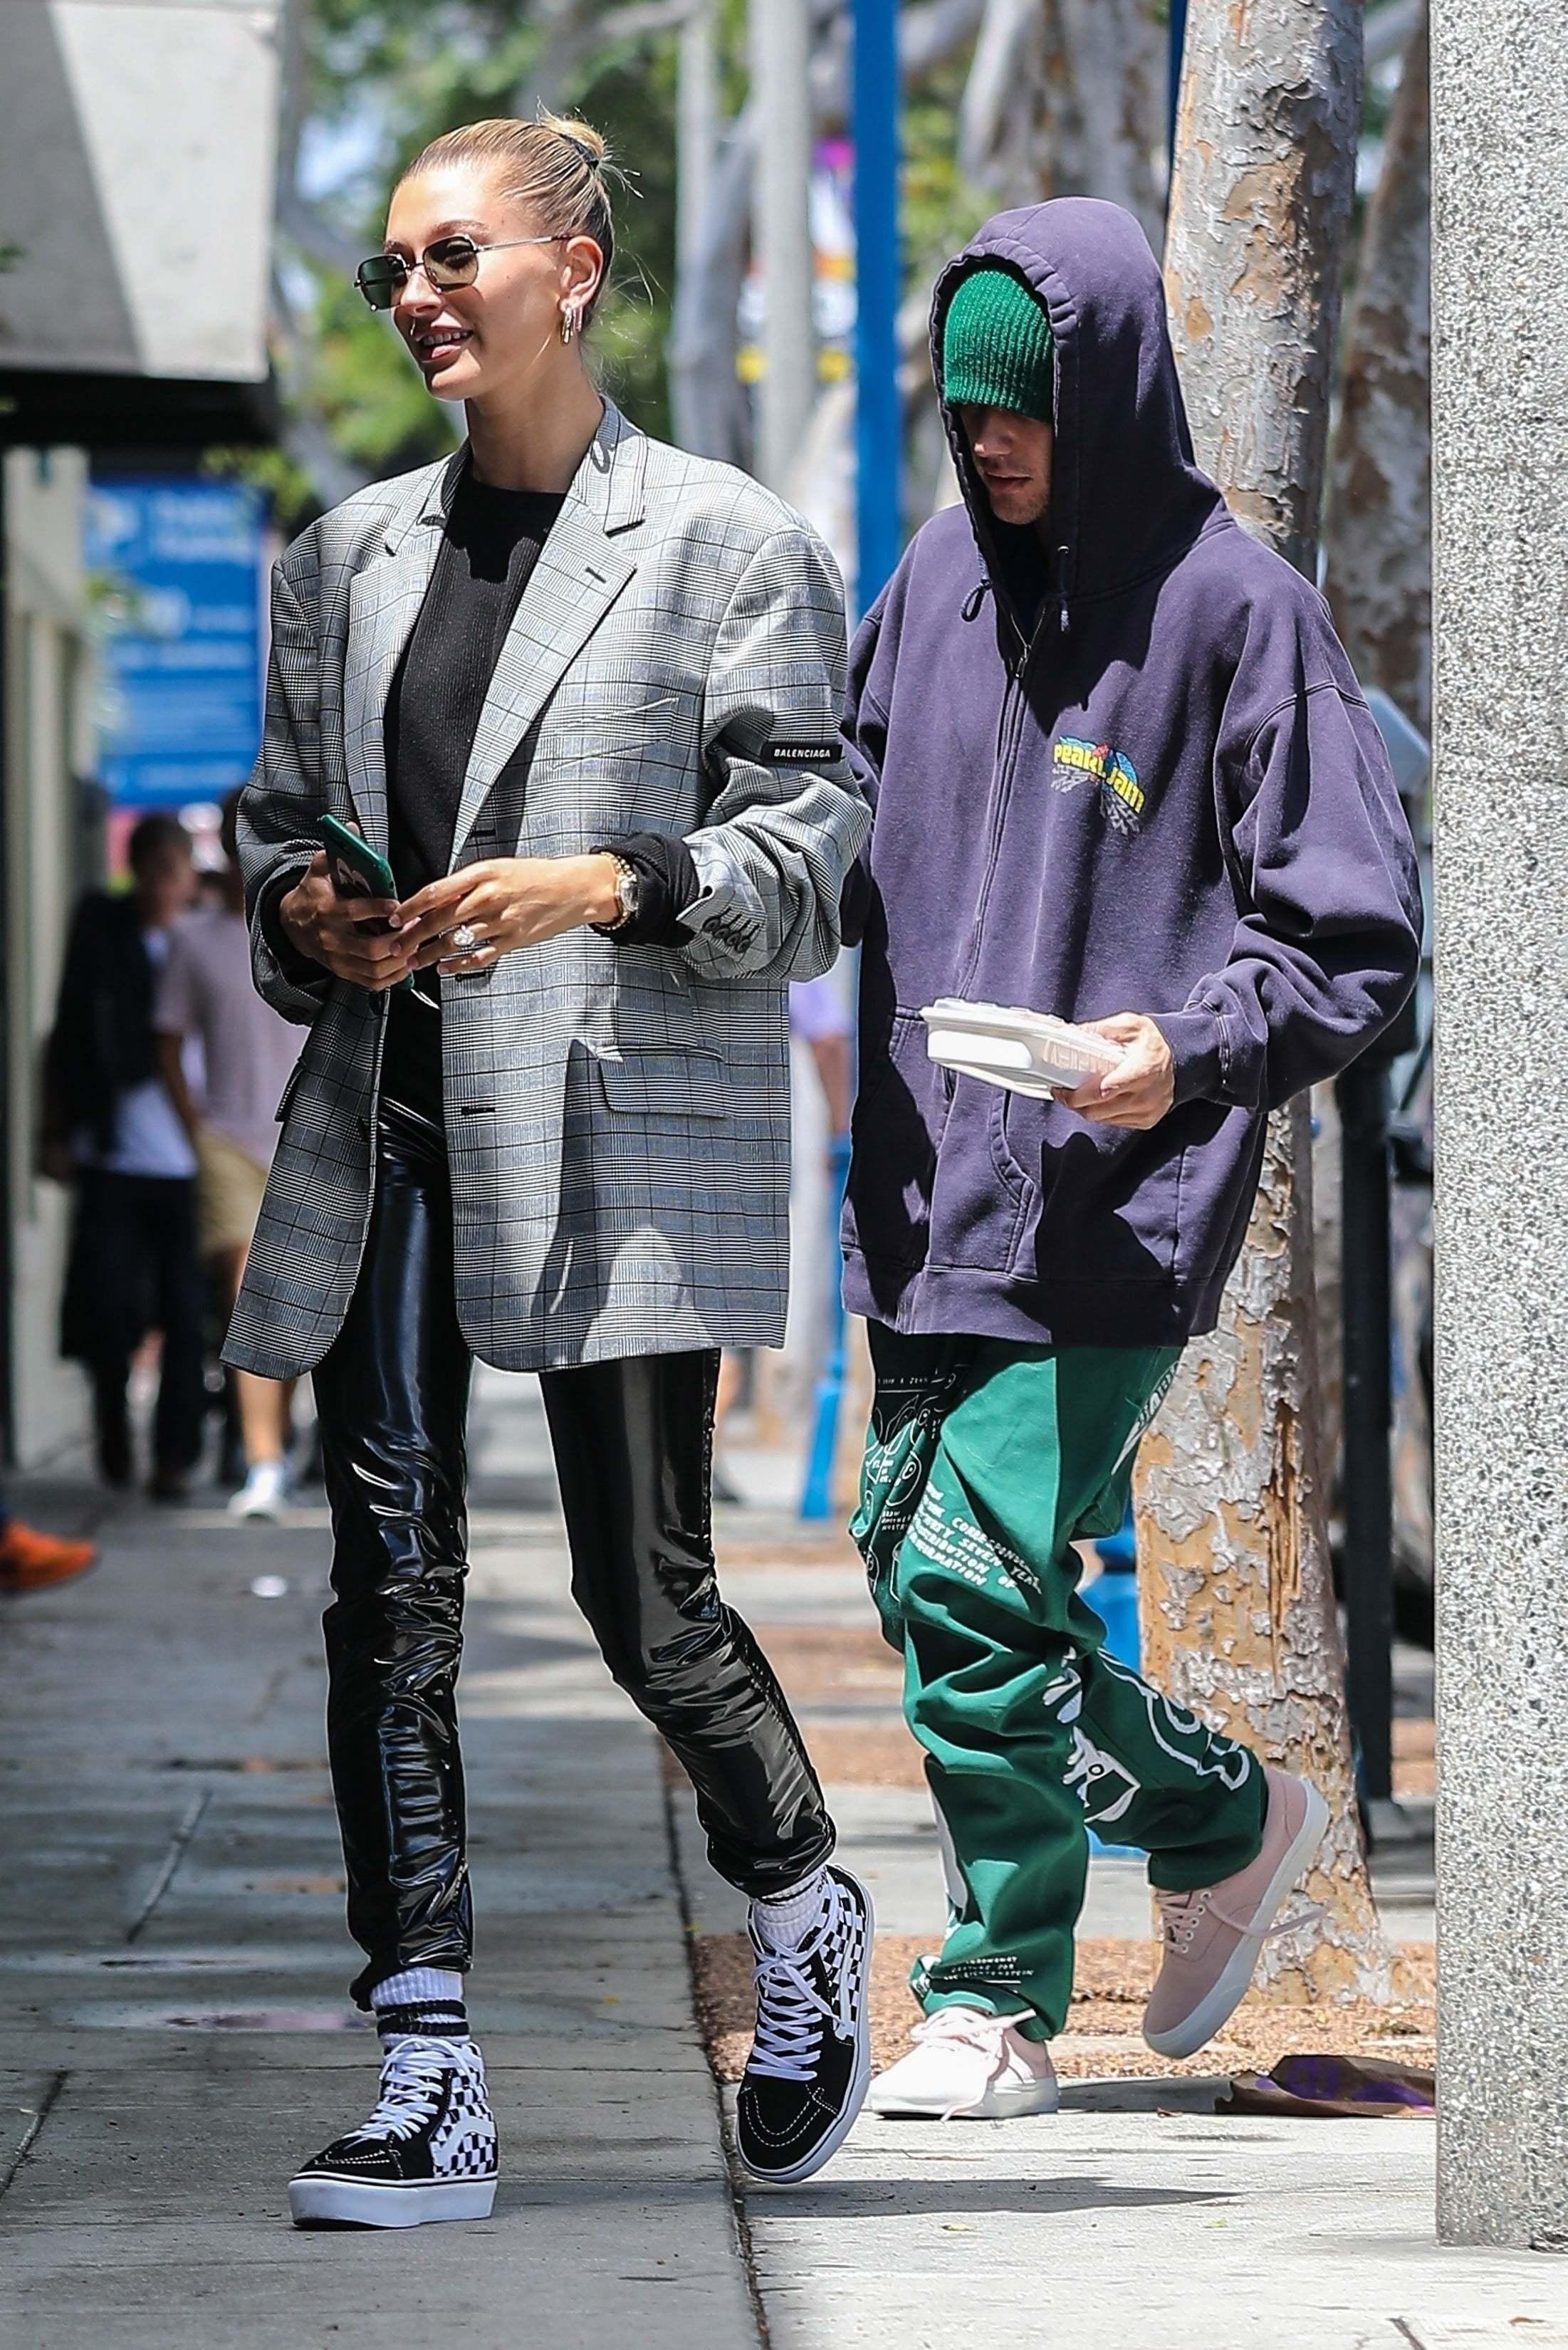 Bên cạnh phong cách ăn mặc có nhiều khác biệt, Justin còn thường xuyên đi sau vợ. Điều này khiến anh chàng trông càng bé nhỏ như đang được che chở.